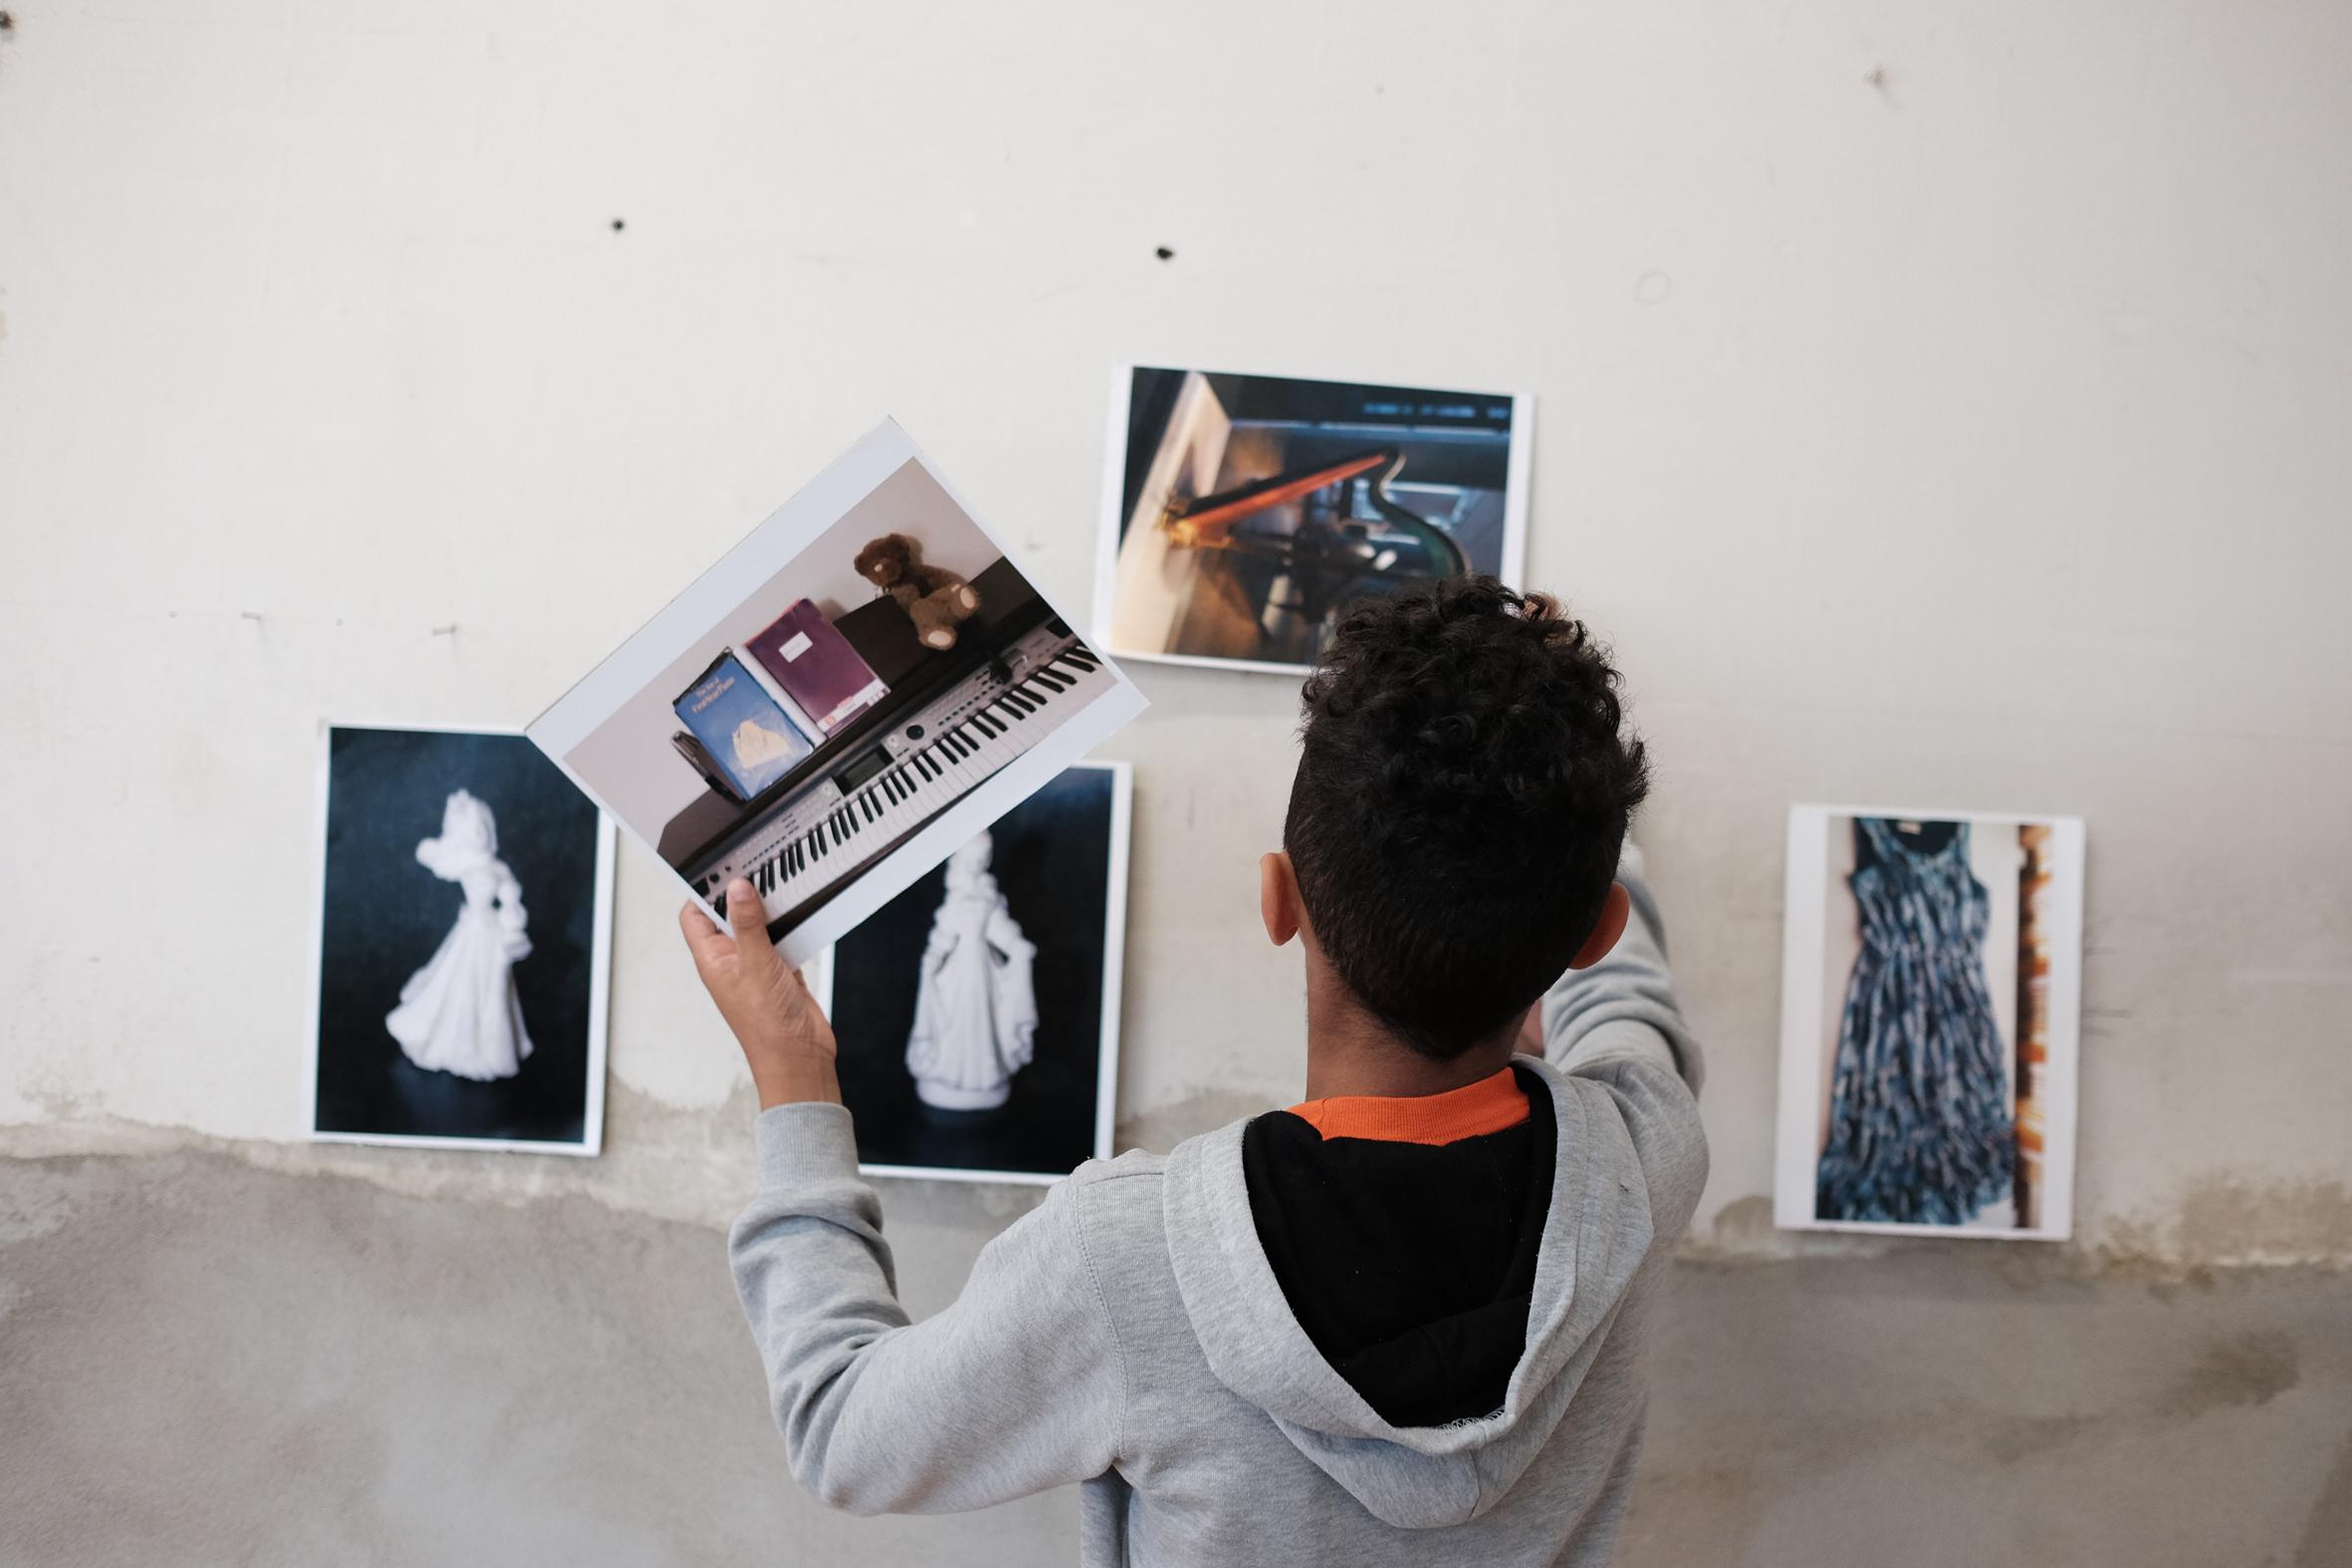 Mobile Welten oder das transkulturelle Museum unserer Gegenwart in Hamburg, Ausstellung, 09.06.2018, Museum für Kunst und Gewerbe - Copyright Mobile Welten